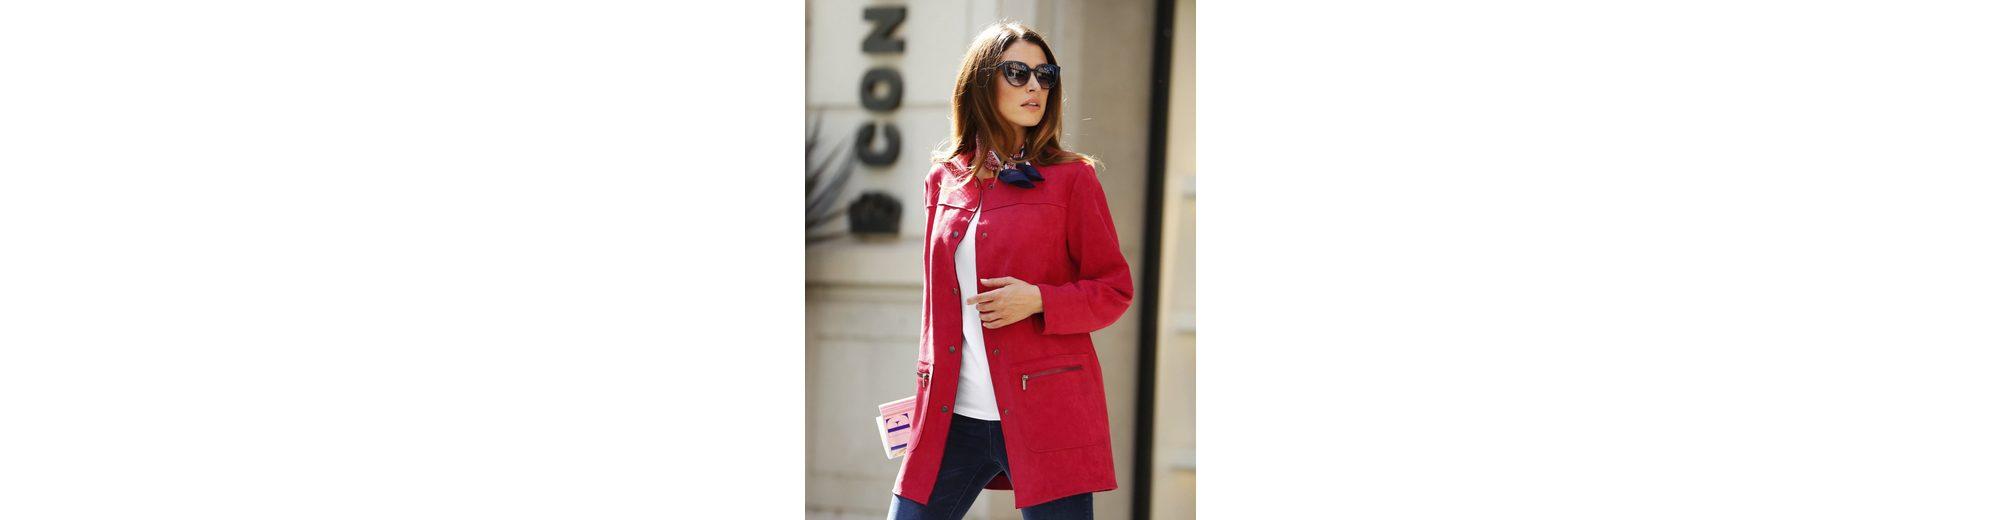 Paola Longjacke in modischer Form Billig Verkaufen Mode-Stil Billig Verkauf Zahlen Mit Paypal Neue Stile Zu Verkaufen ogbTx